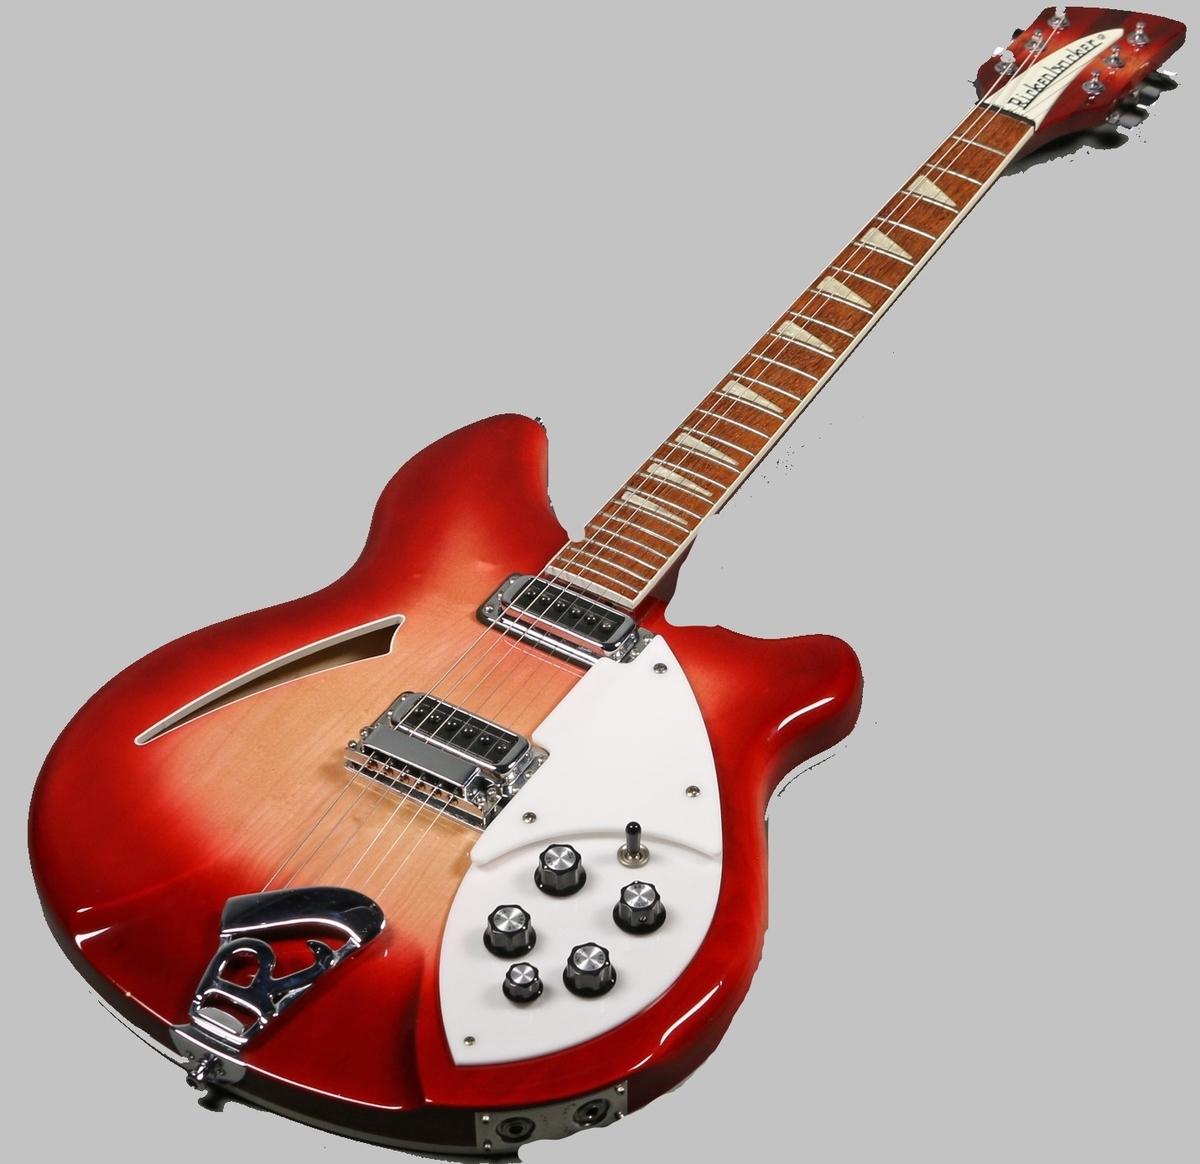 高価なエレキギター